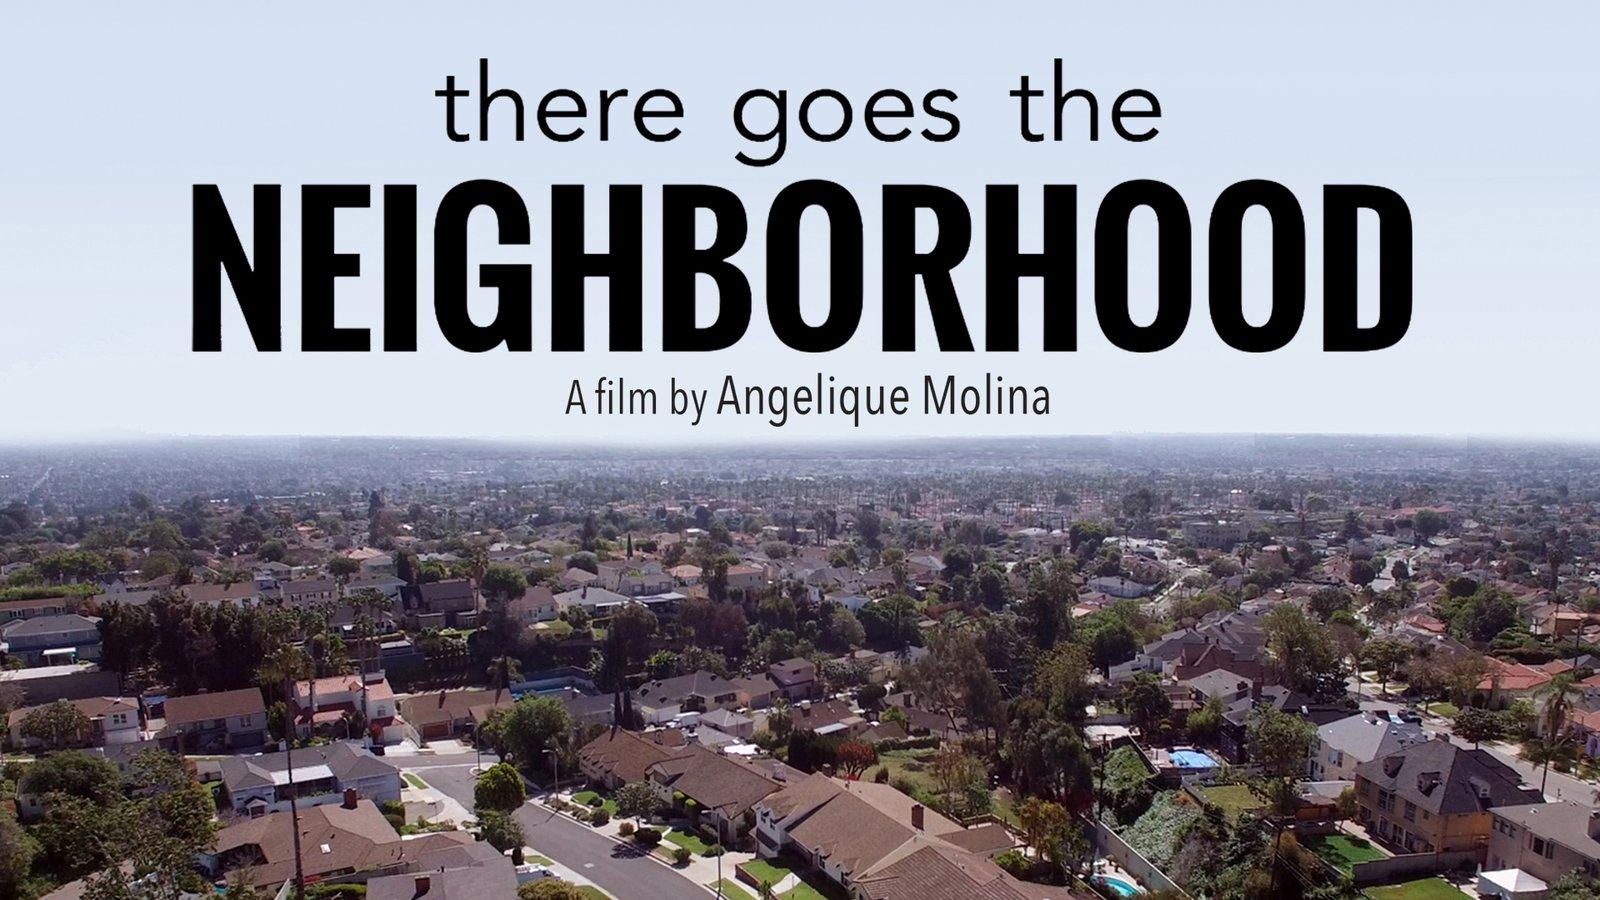 Anti-Racism - ThereGoesNeighborhood.jpg